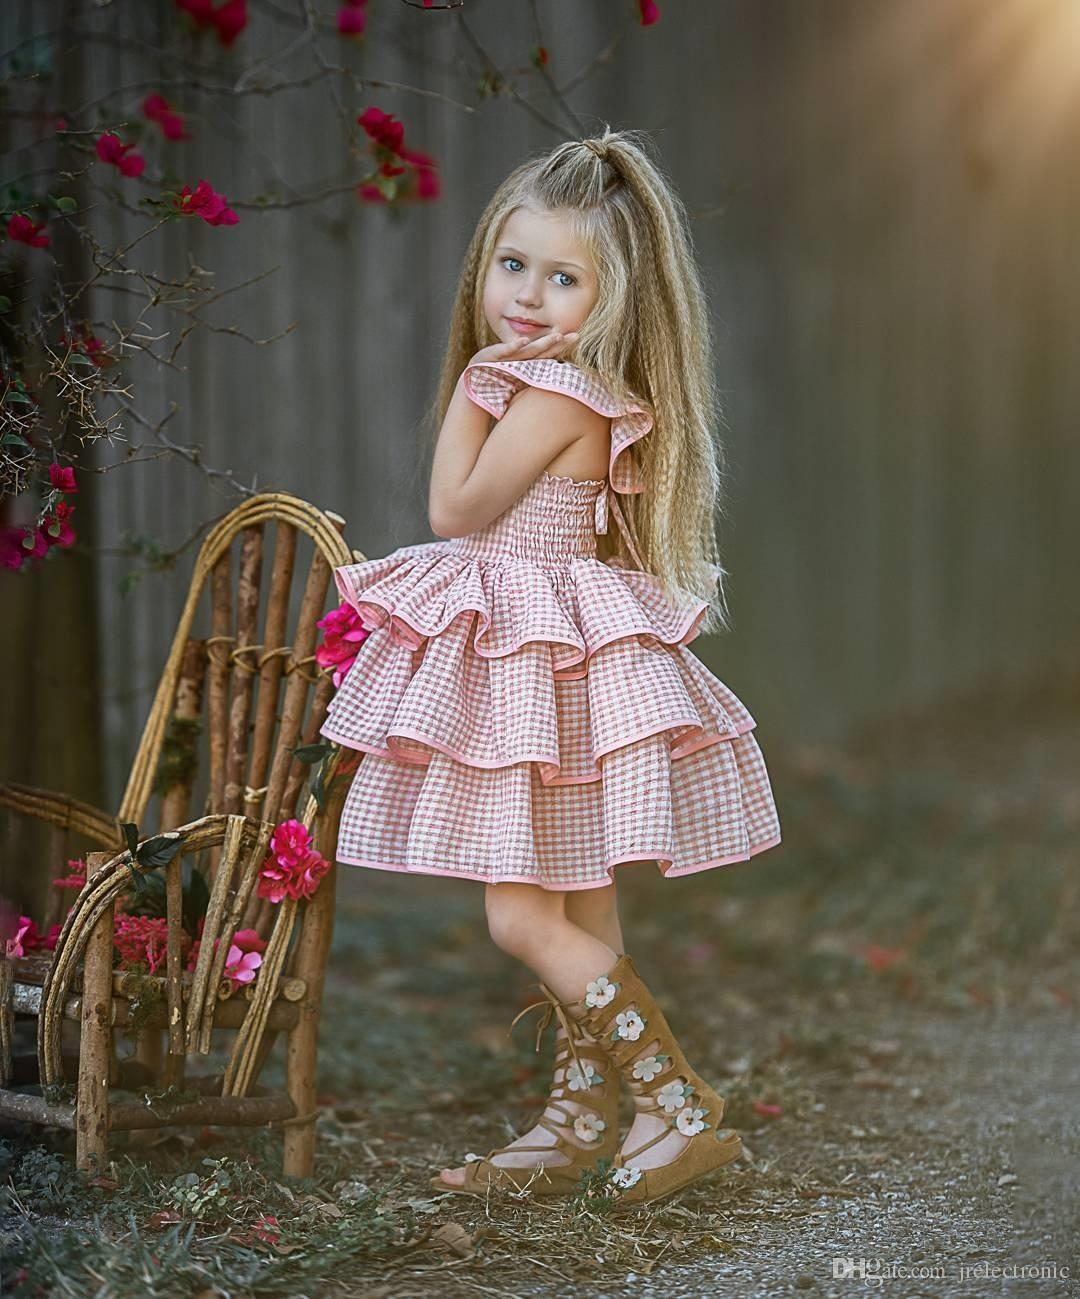 1-6Y طفل أطفال اطفال بنات منزعج فستان الشمس الصيف حزب مهرجان الطبقات الأميرة اللباس الأطفال ملابس طفلة